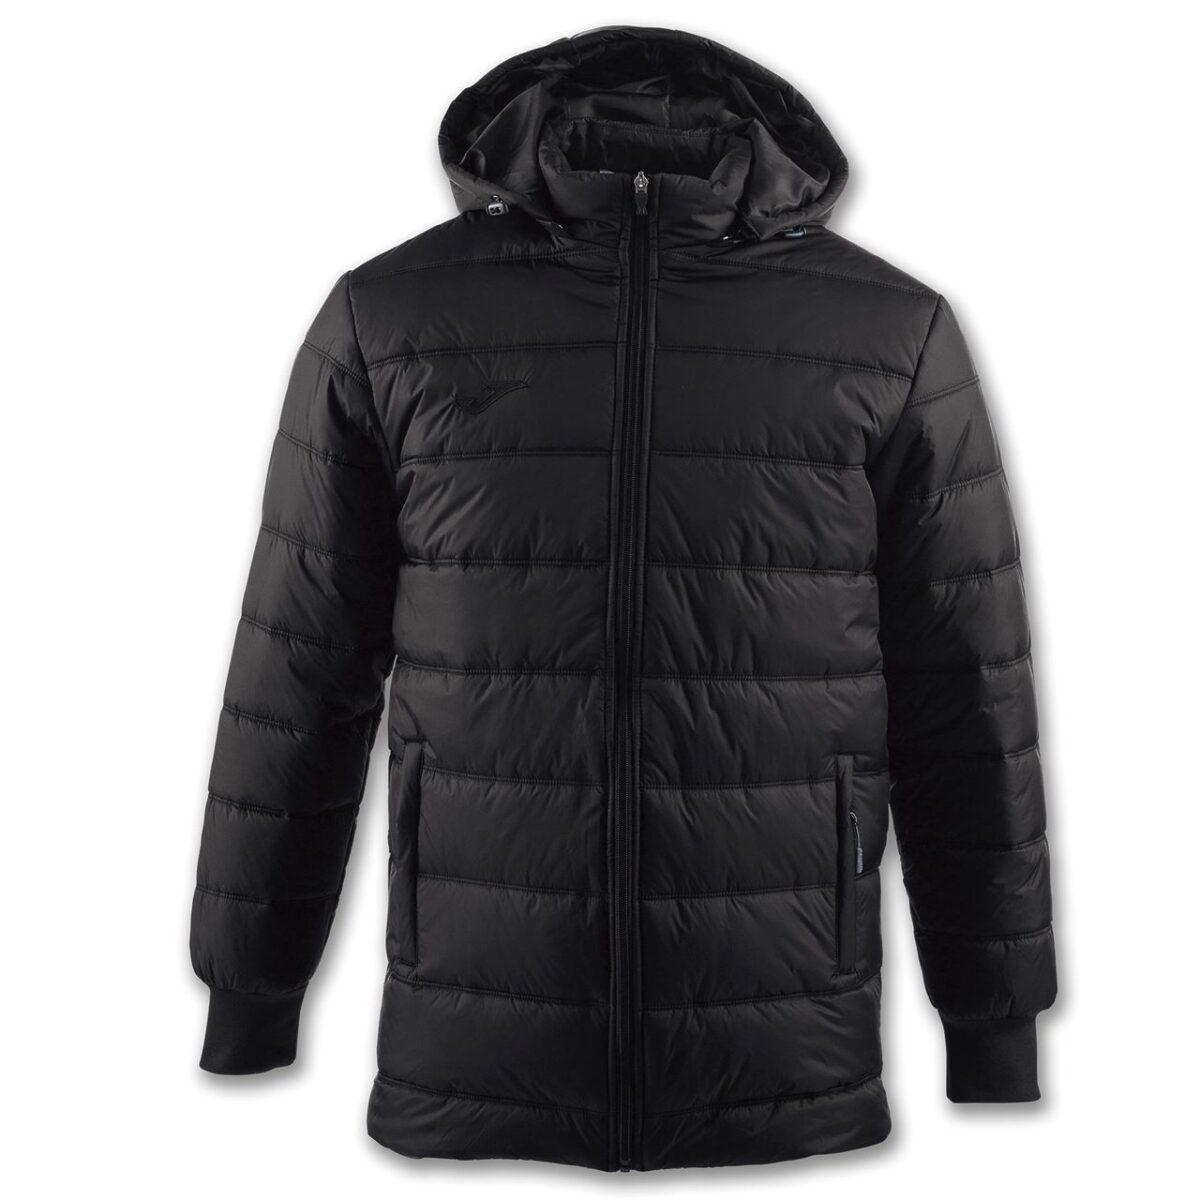 Joma Alaska Urban Jacket 100659 - Junior - SALE